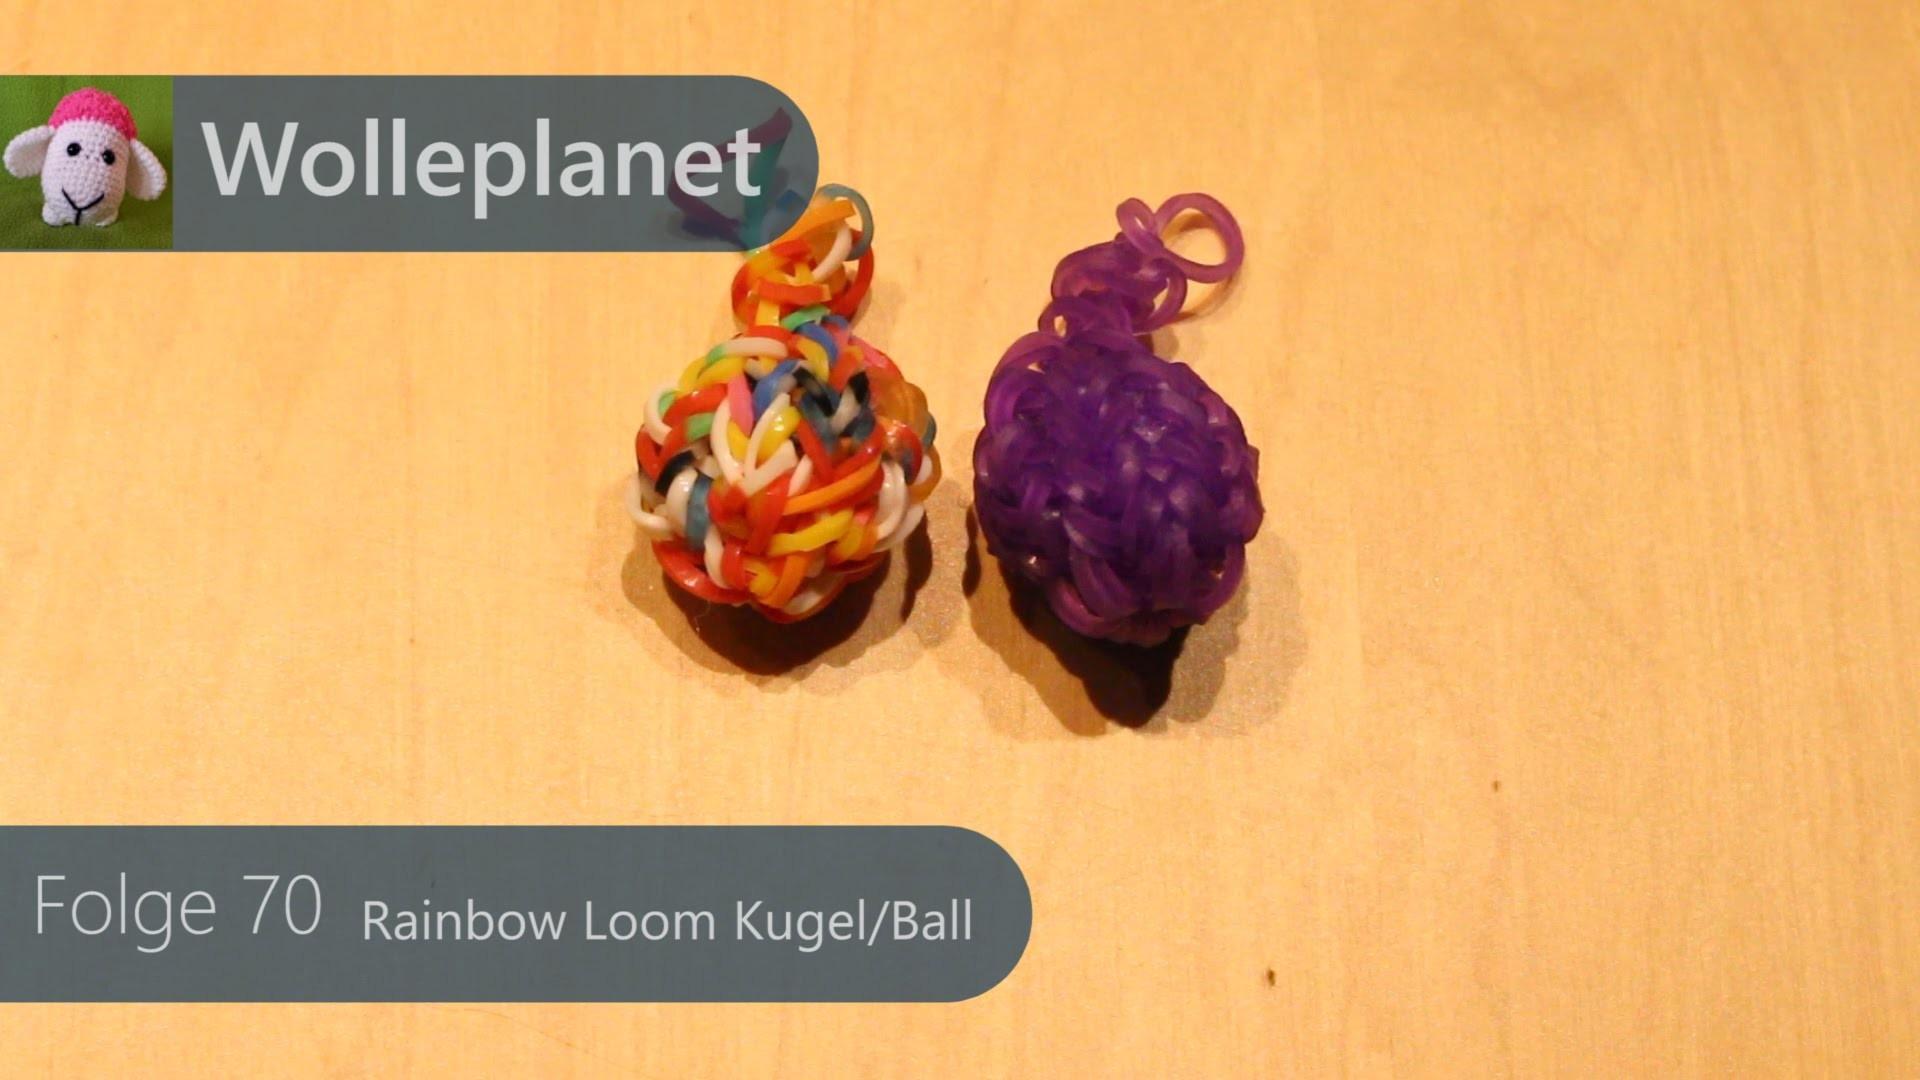 Rainbow Loom Kugel.Ball mit Loom